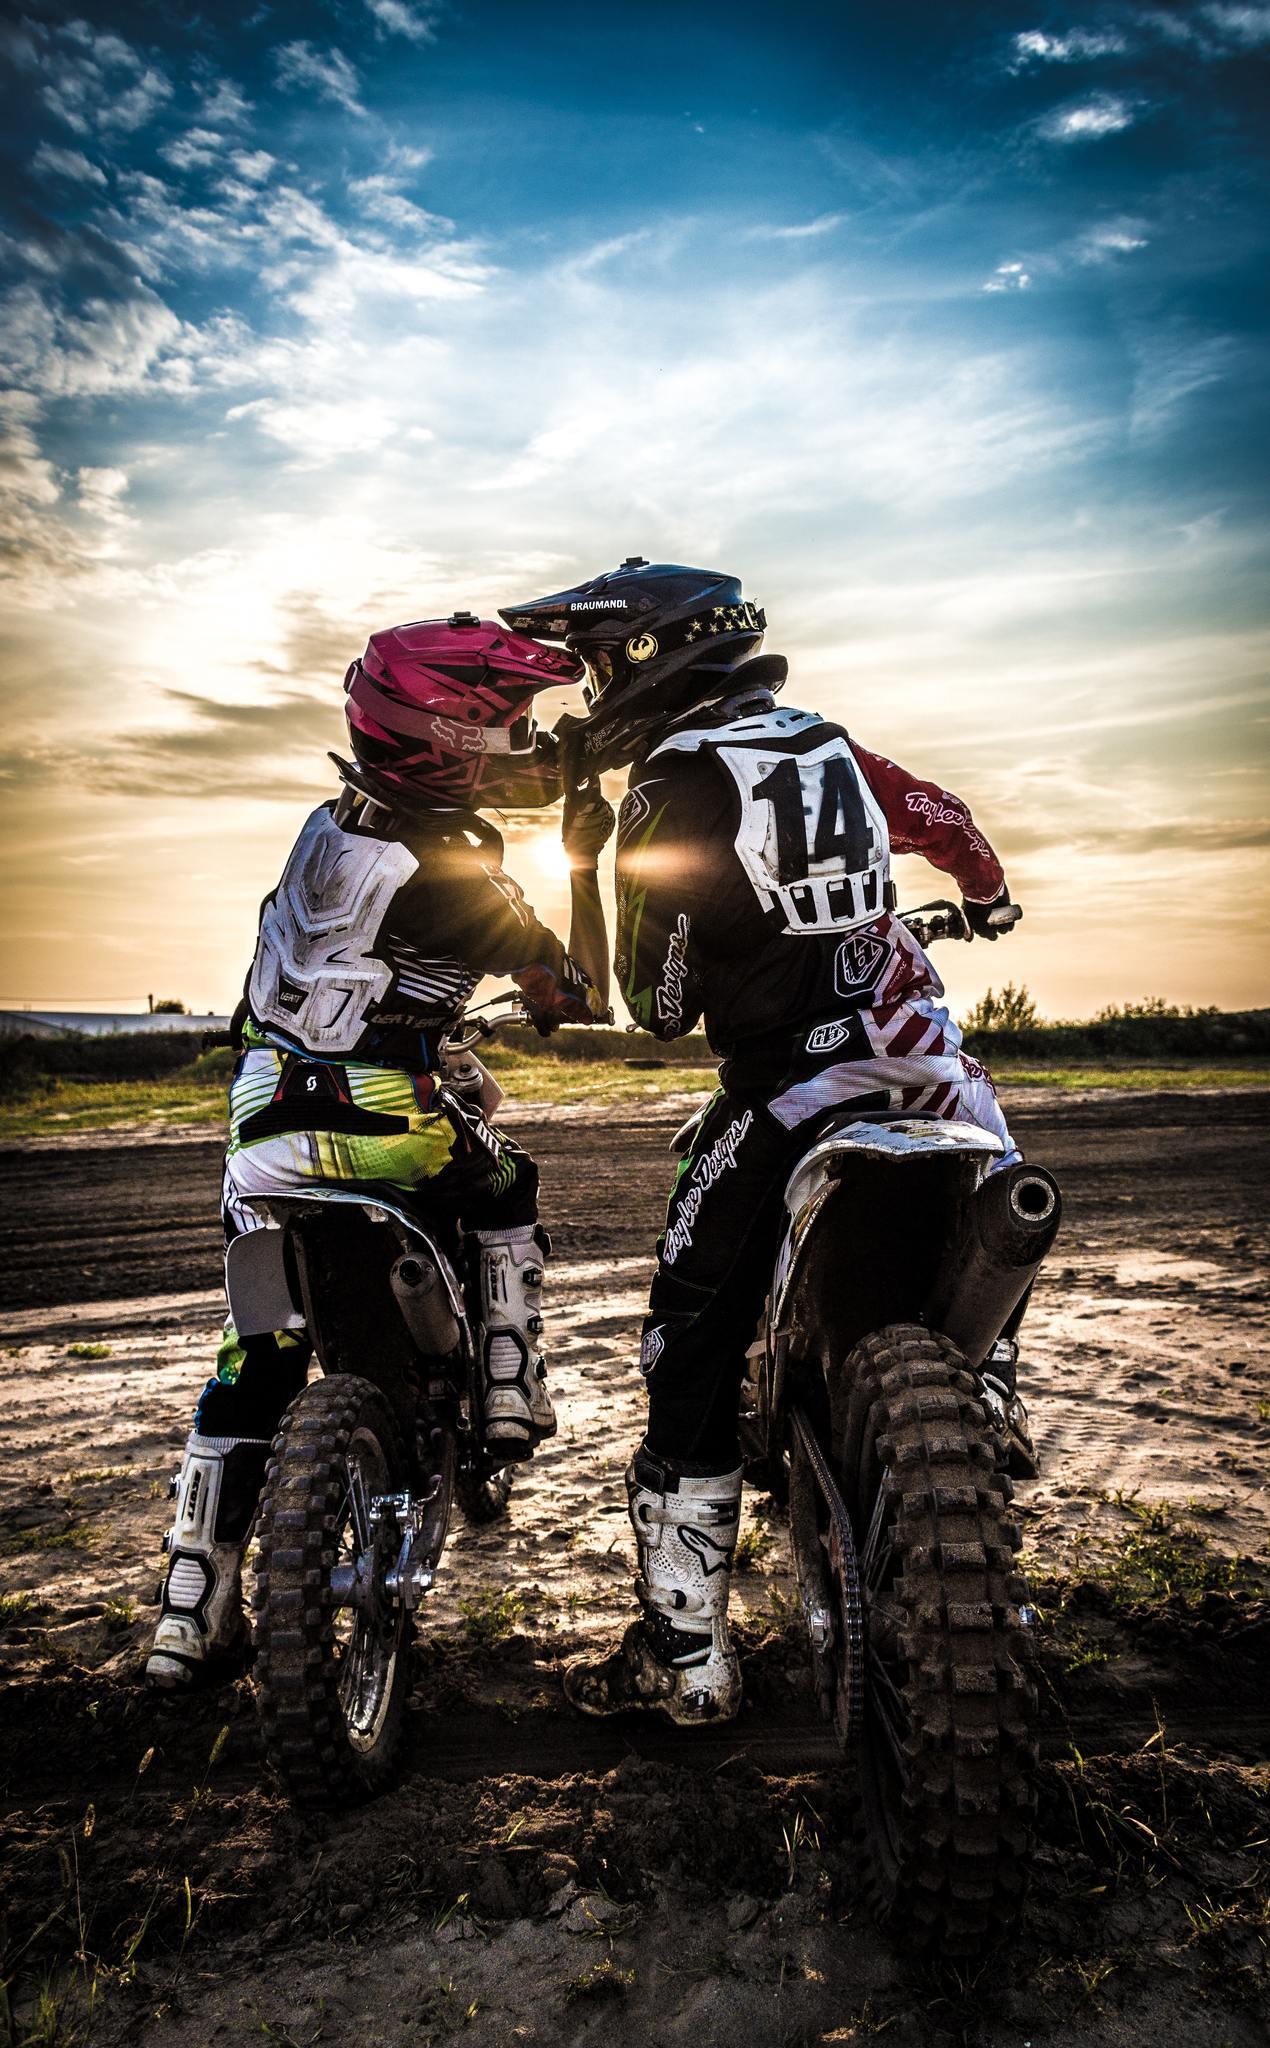 MotoGP a Settembre